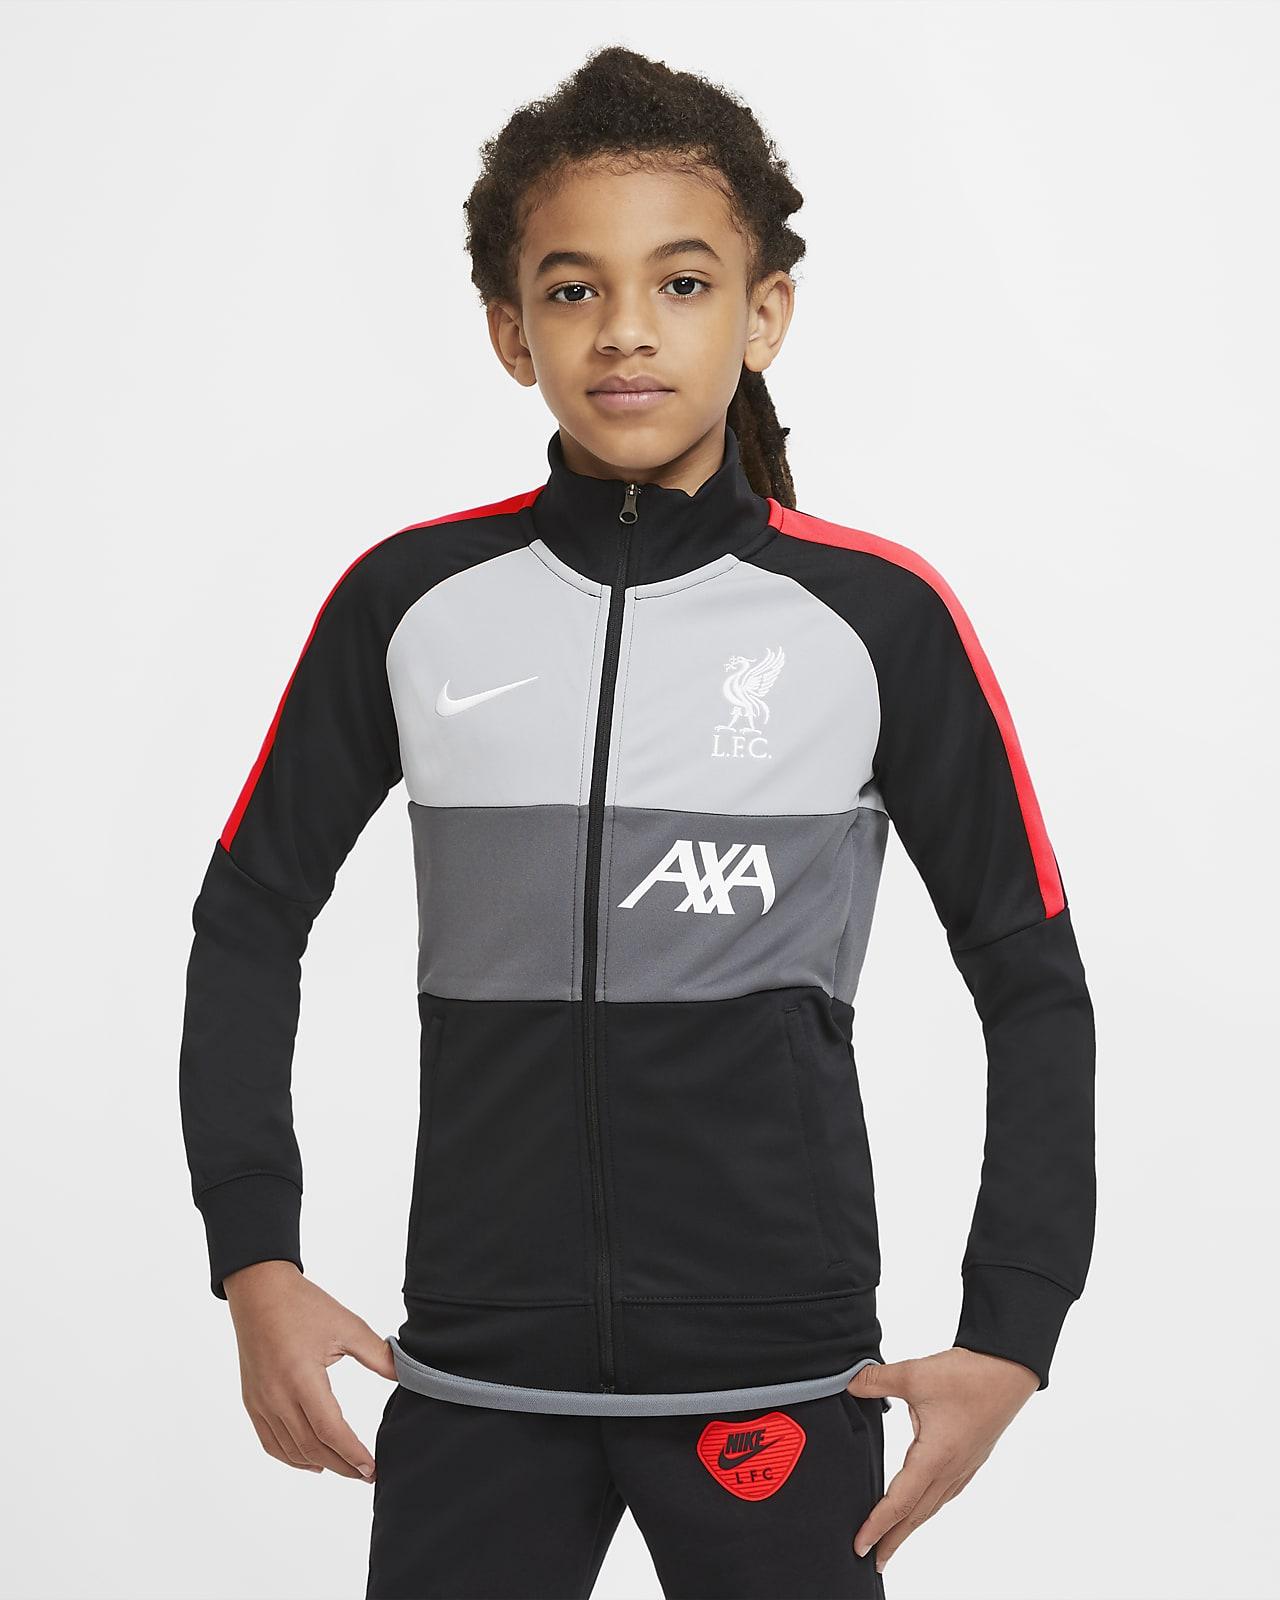 Liverpool F.C. Older Kids' Football Tracksuit Jacket